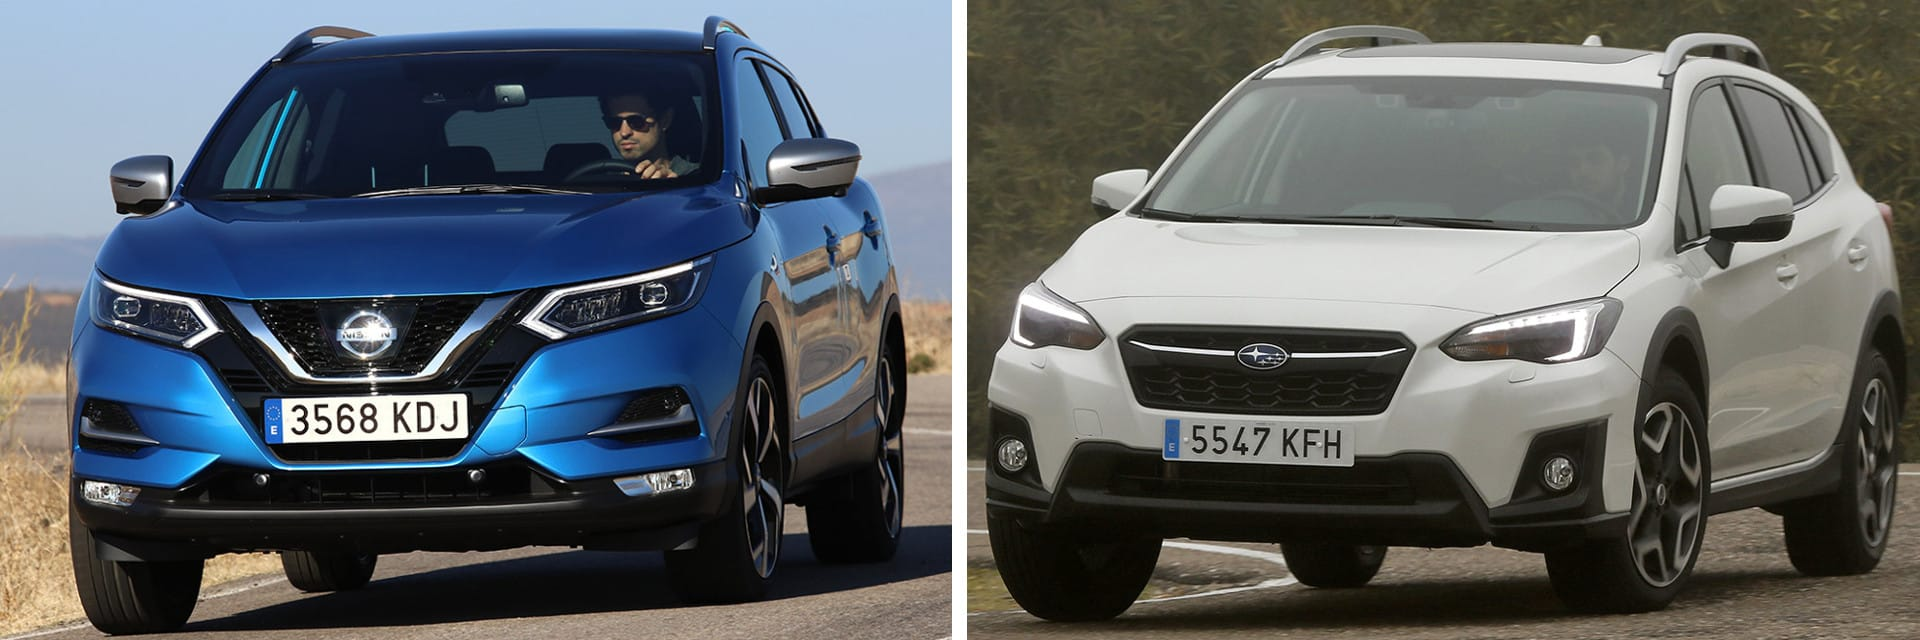 En un recorrido de 140 km por autovía, el Qashqai (izq.) tuvo un consumo de 7,0 l/100 km y el Subaru (dcha.) de 7,5 l/100 km.